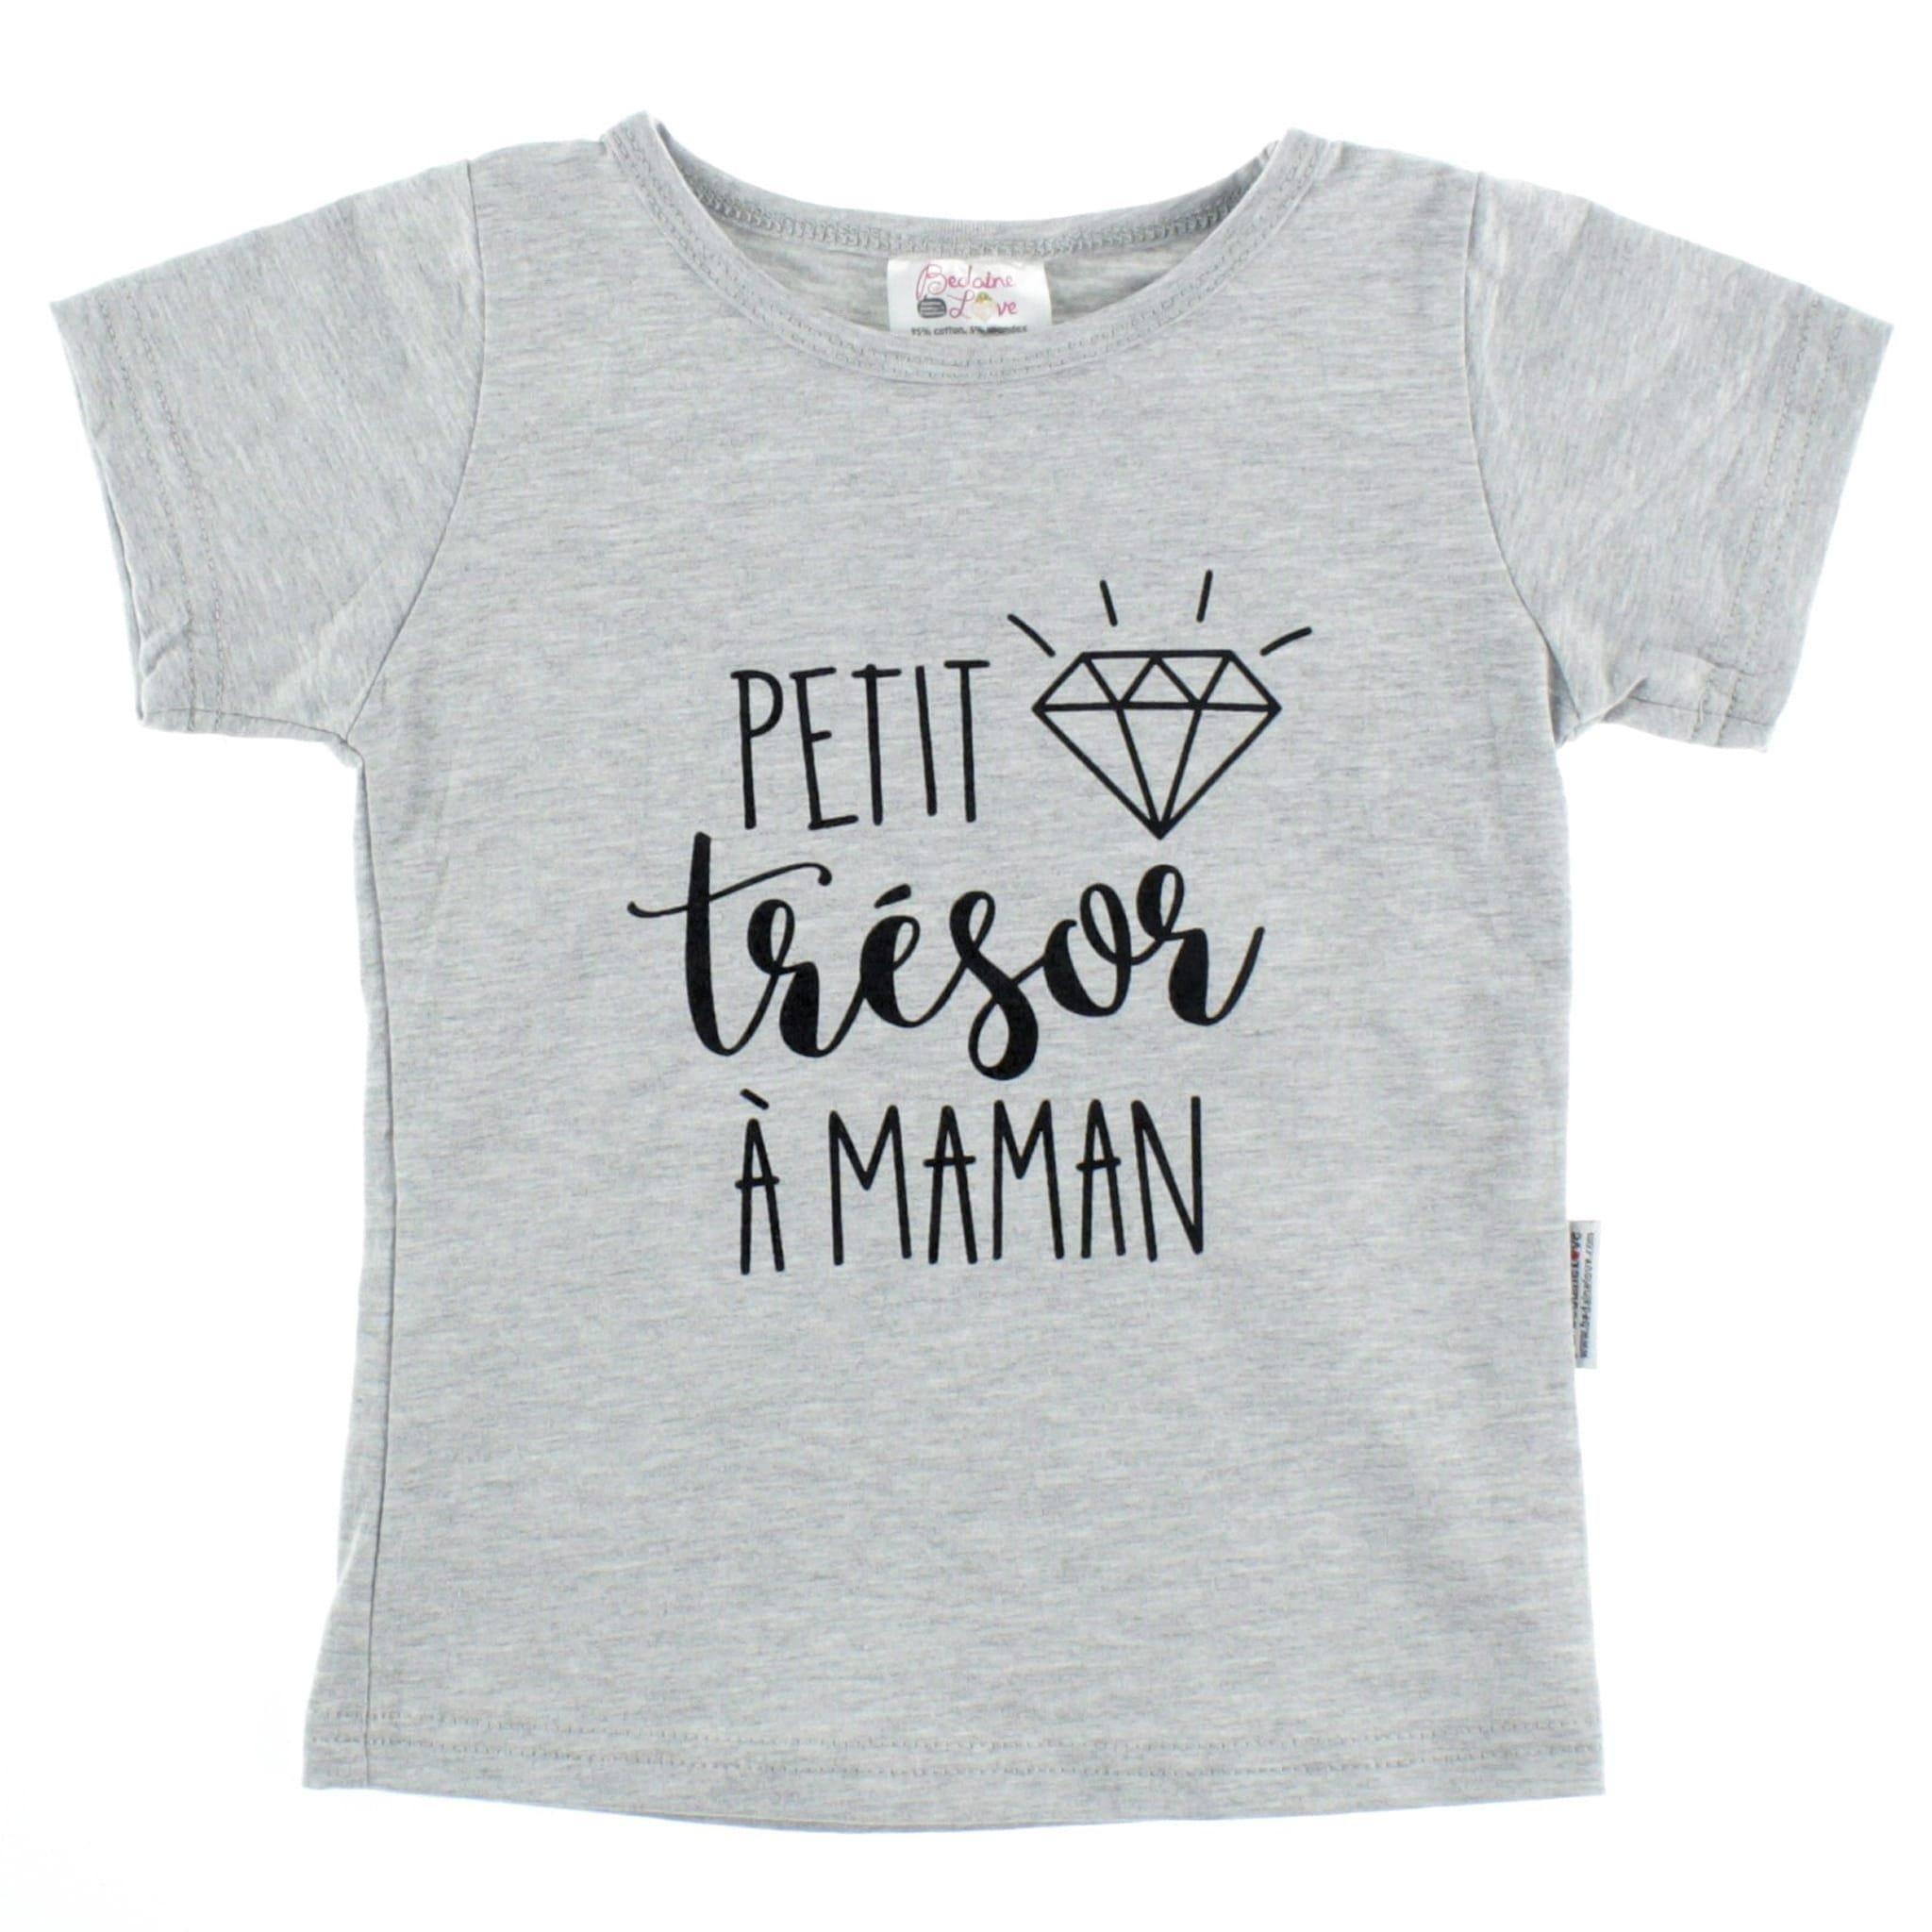 lepni.me T-Shirt Enfant Personnalisez Les Deux Faces Avant et Arri/ère en Imprimant Un Texte Personnalis/é ou en Cr/éant Votre Propre Image